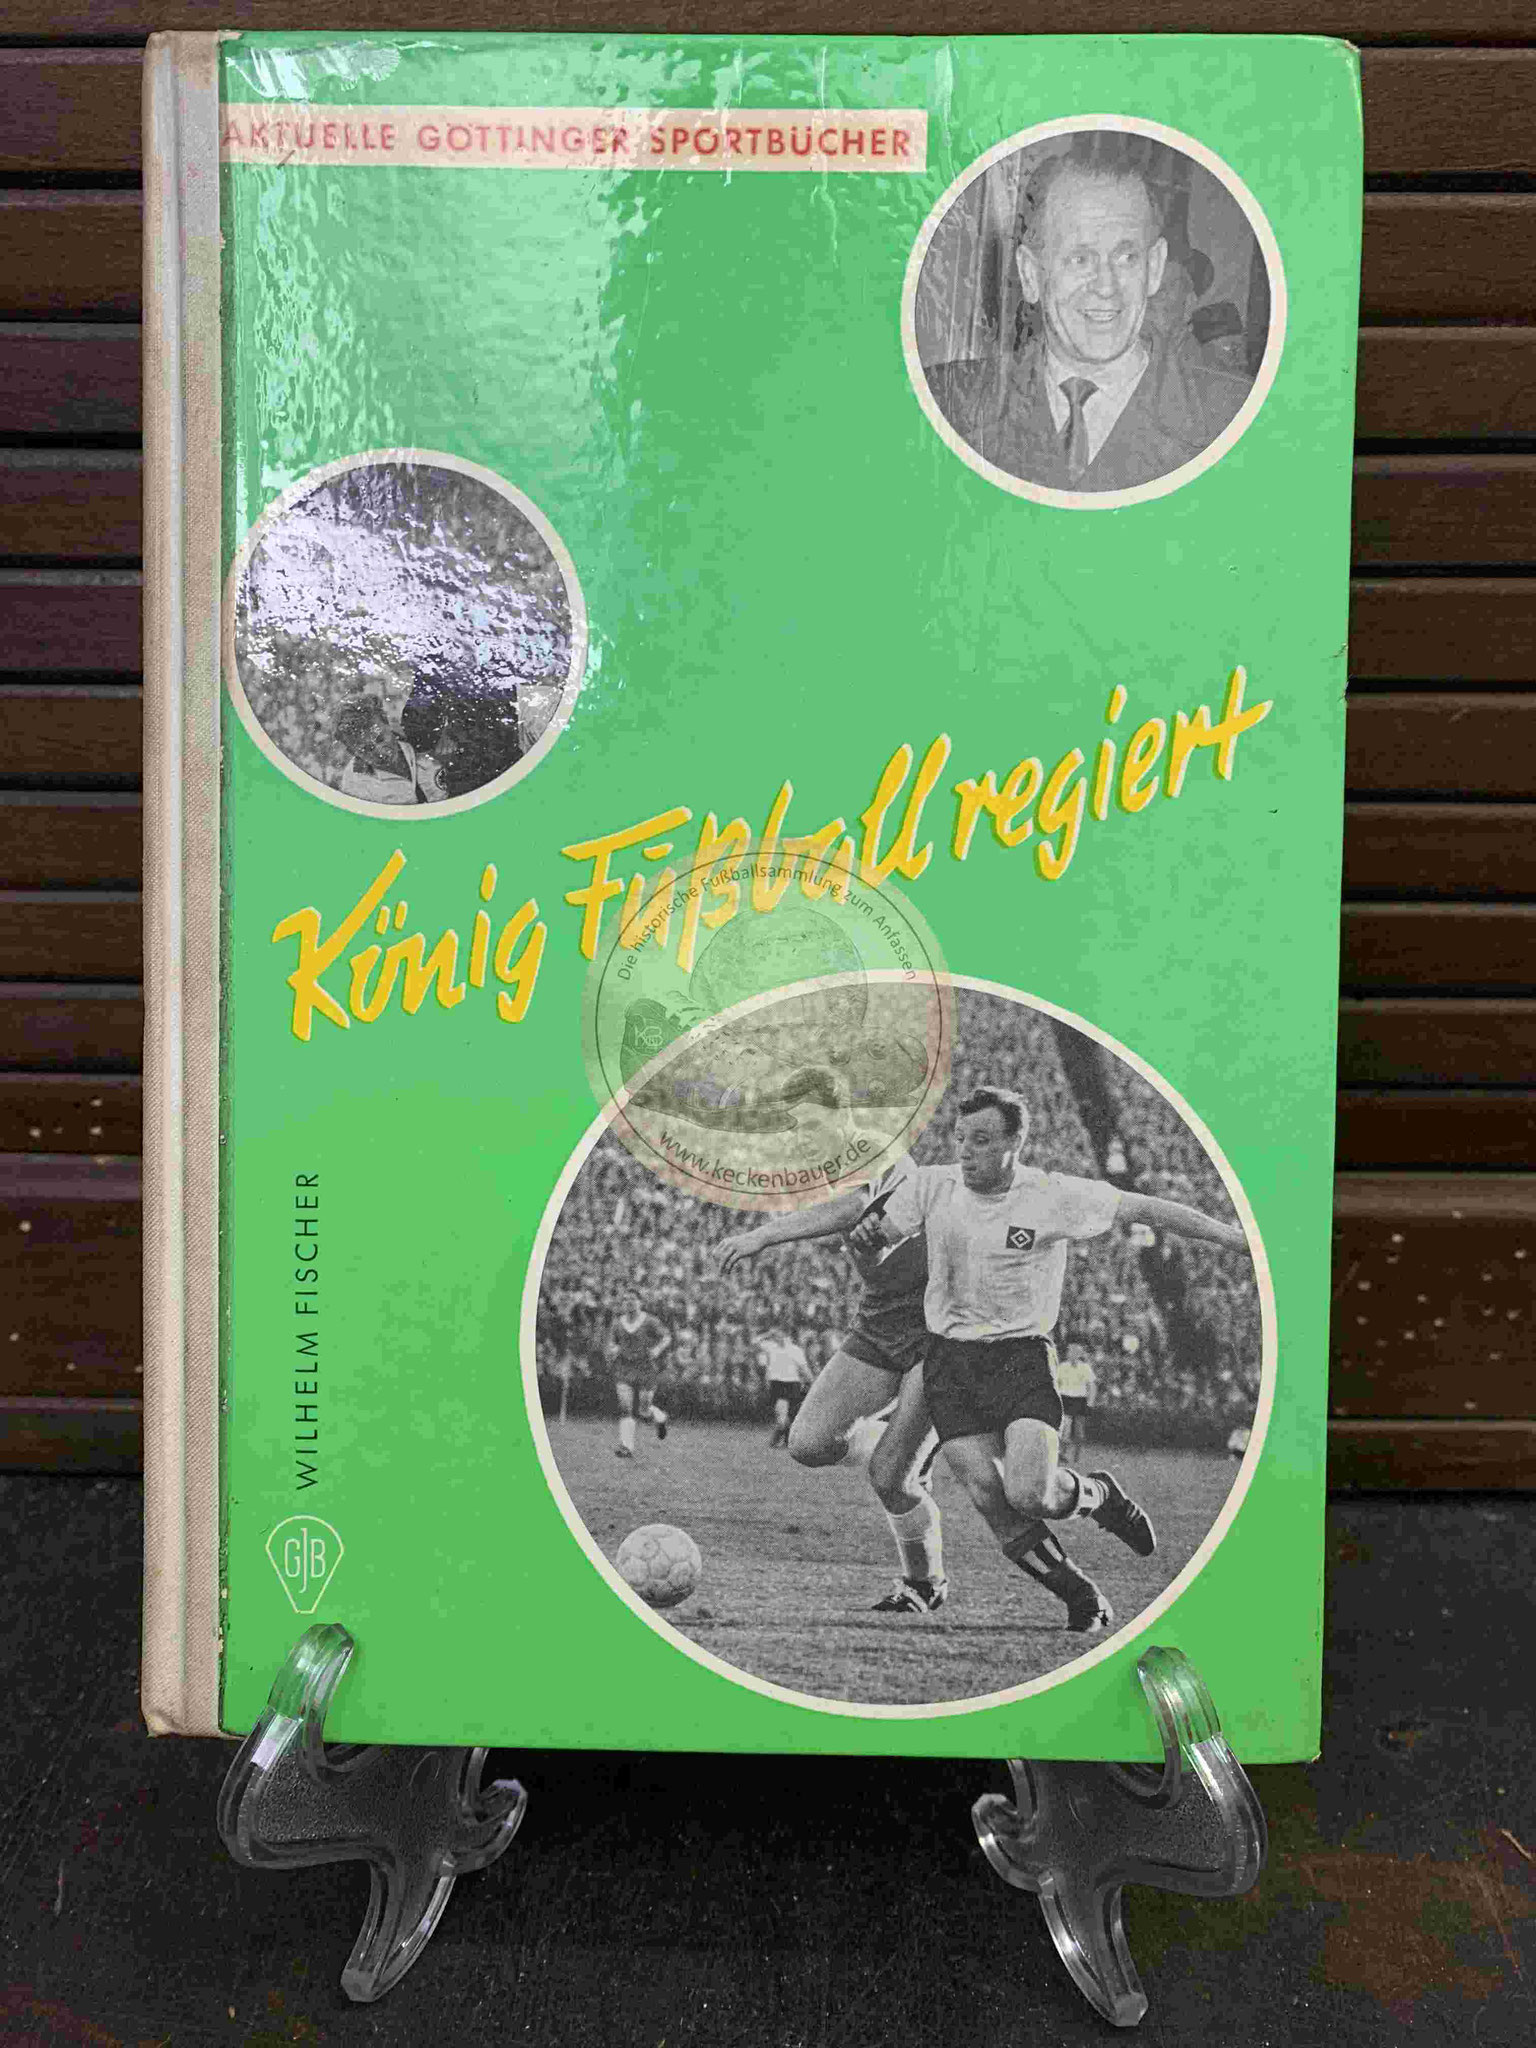 Wilhelm Fischer König Fußball regiert aus dem Jahr 1959